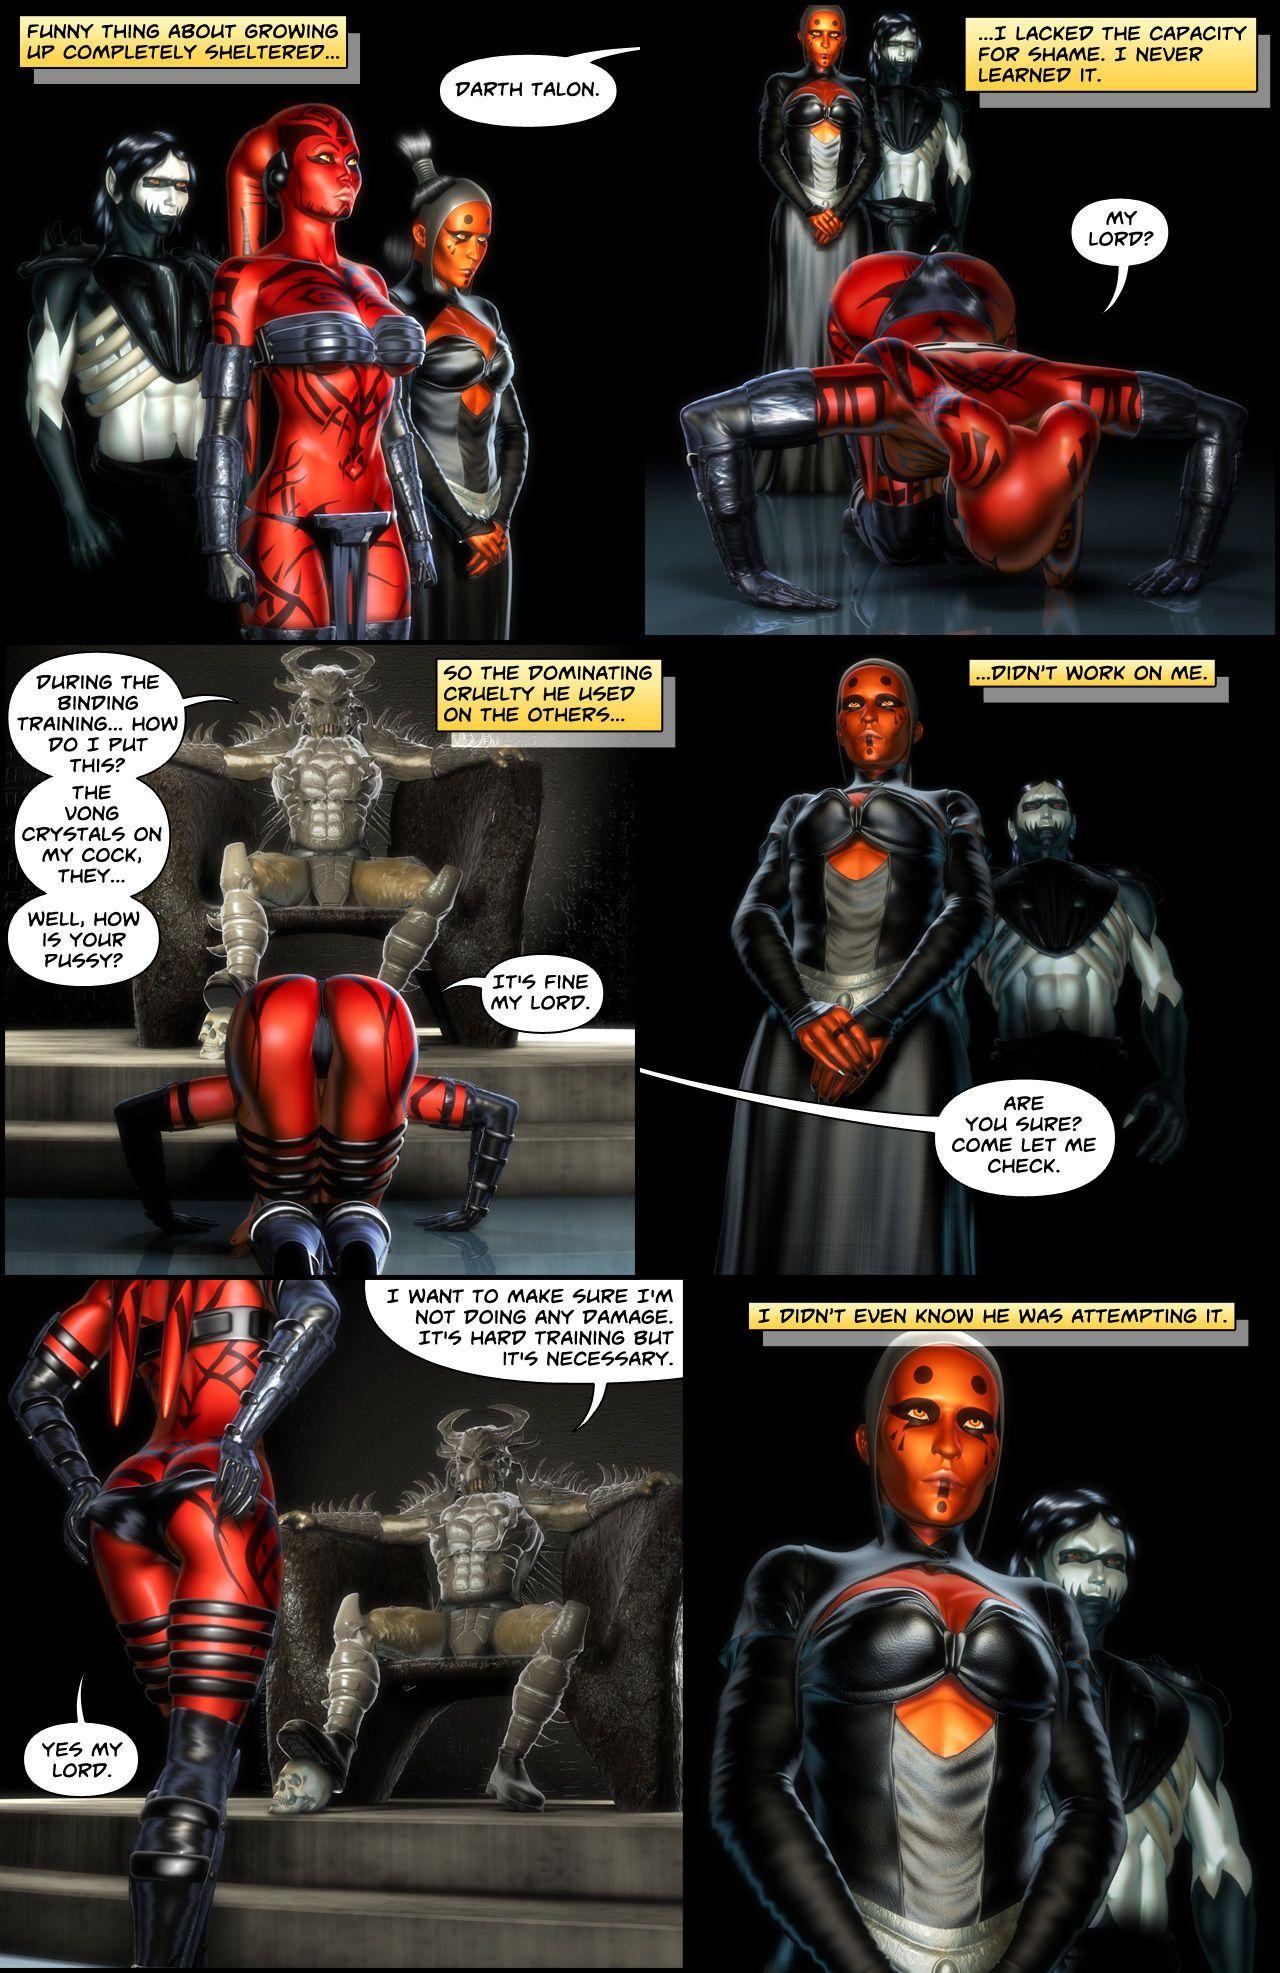 Talon X - part 2